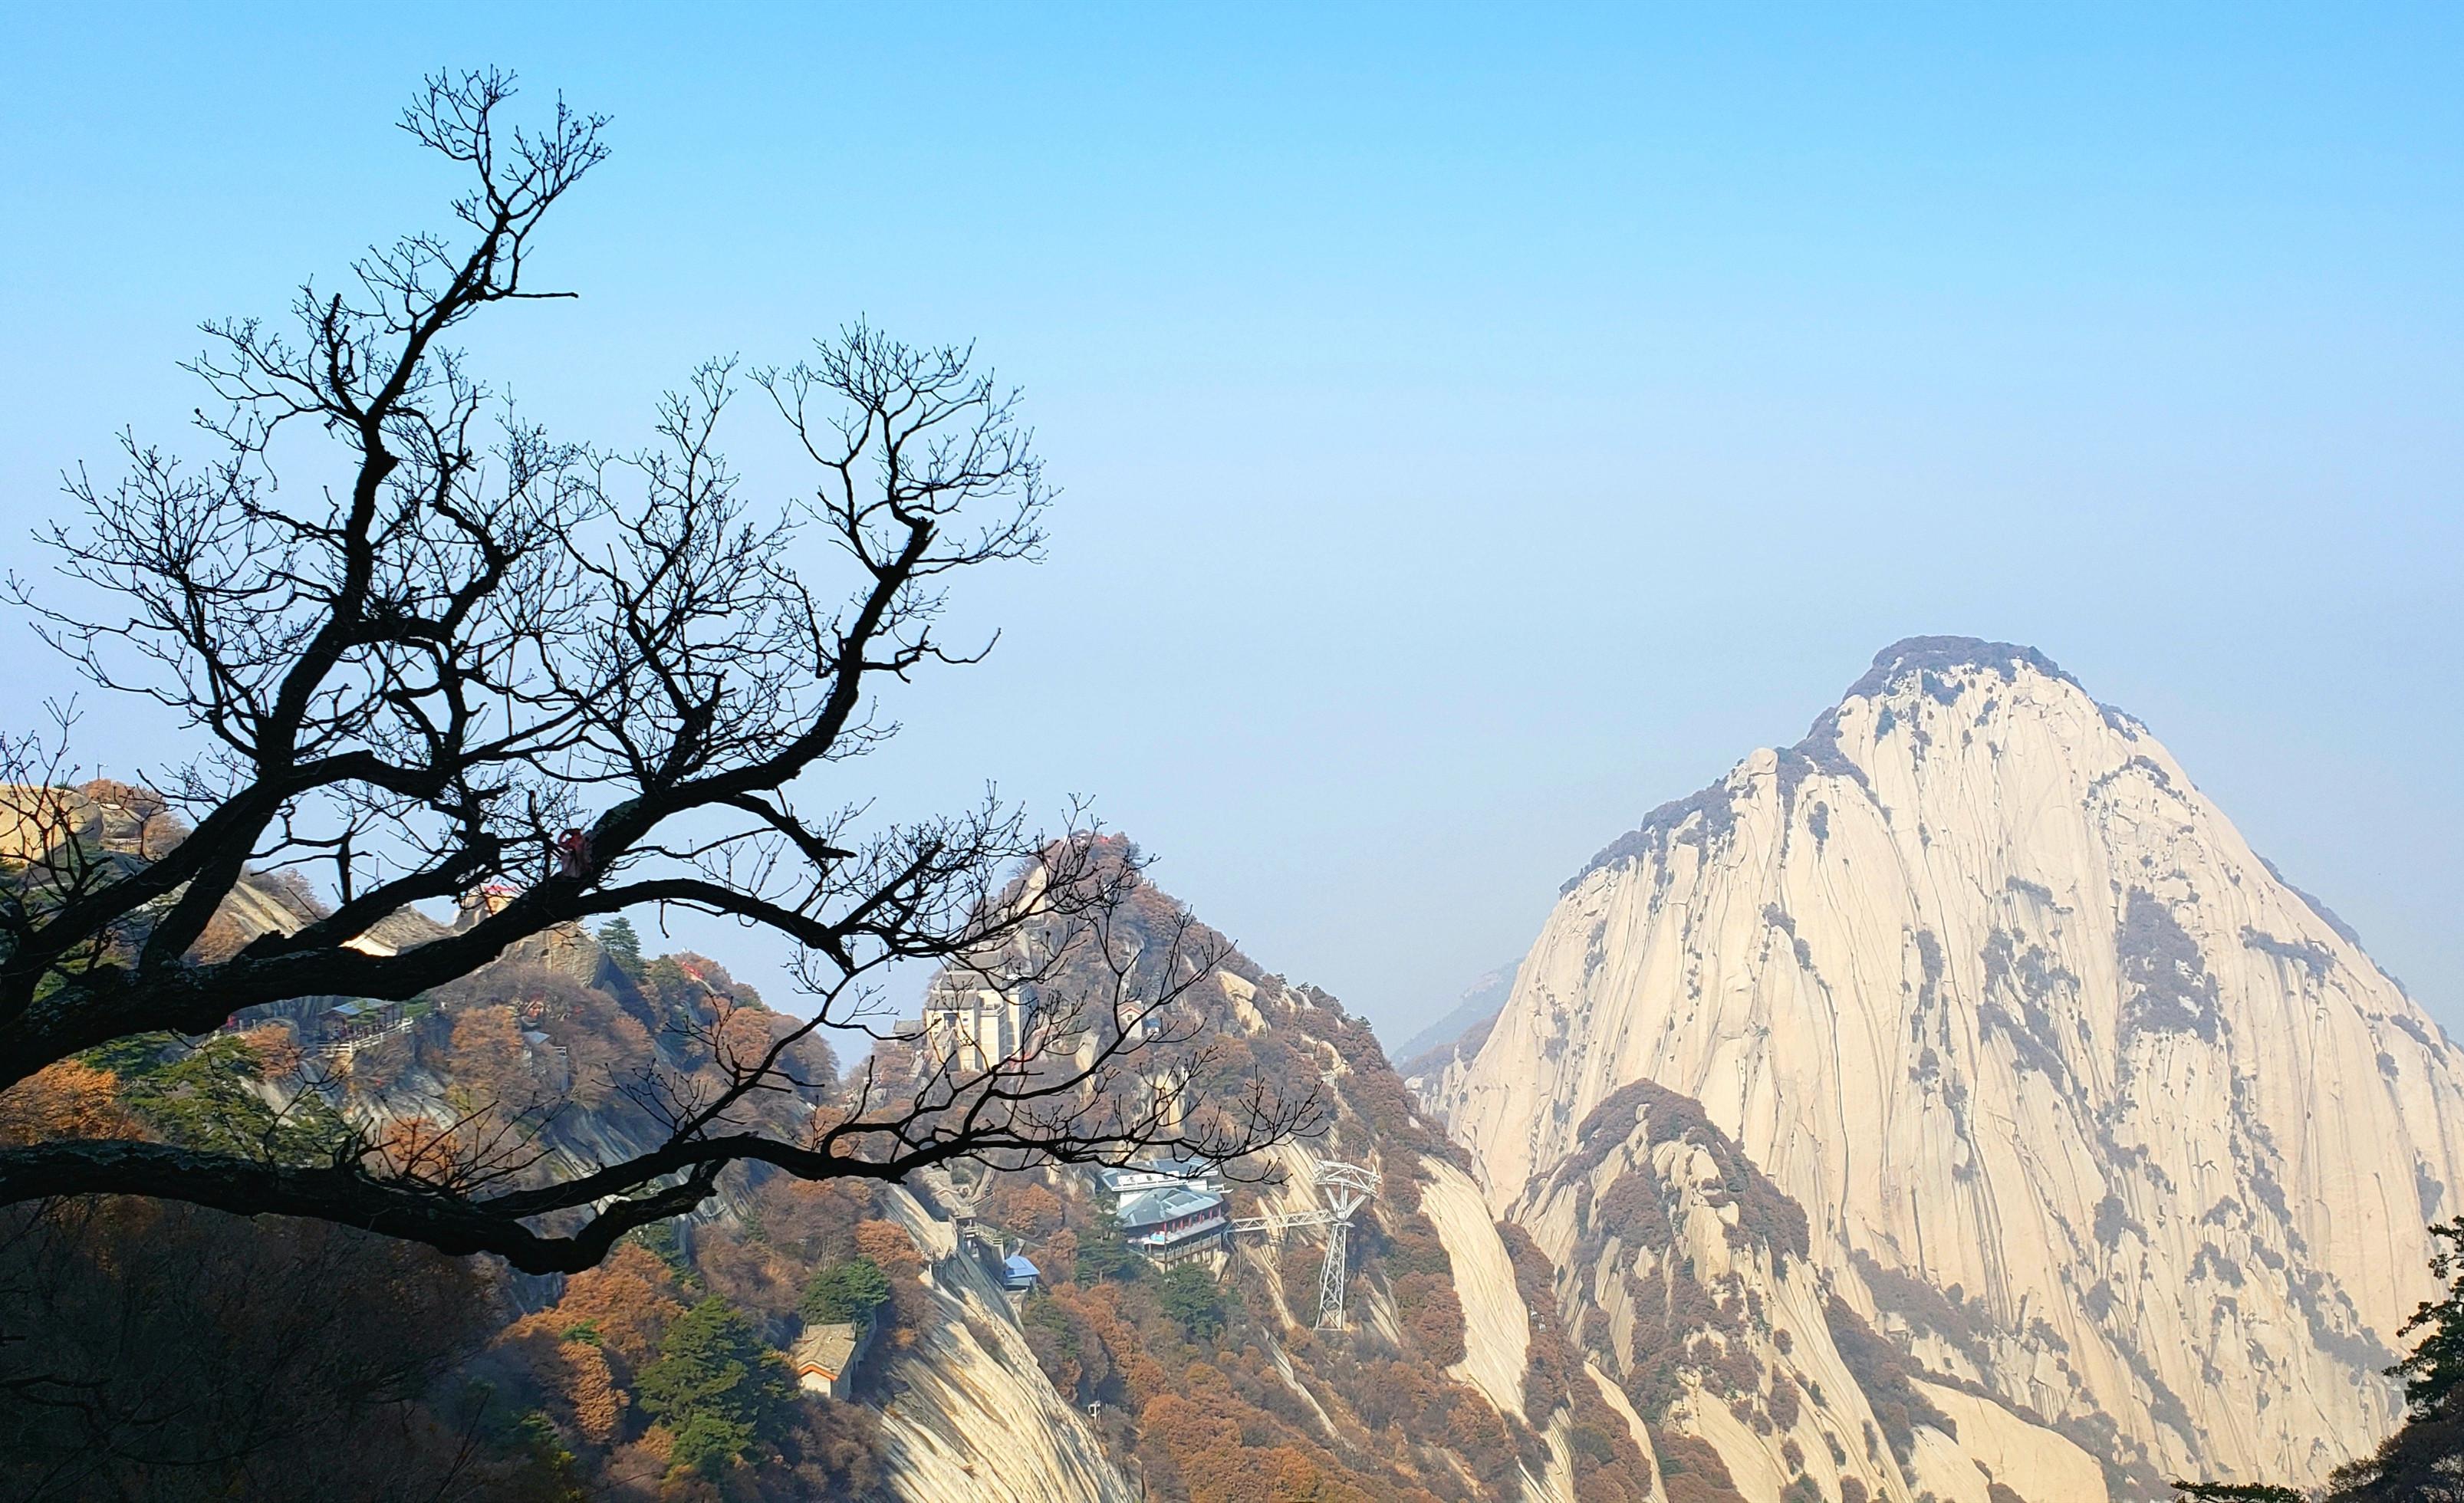 只有天在上,更无山与齐-<西岳--风光篇>